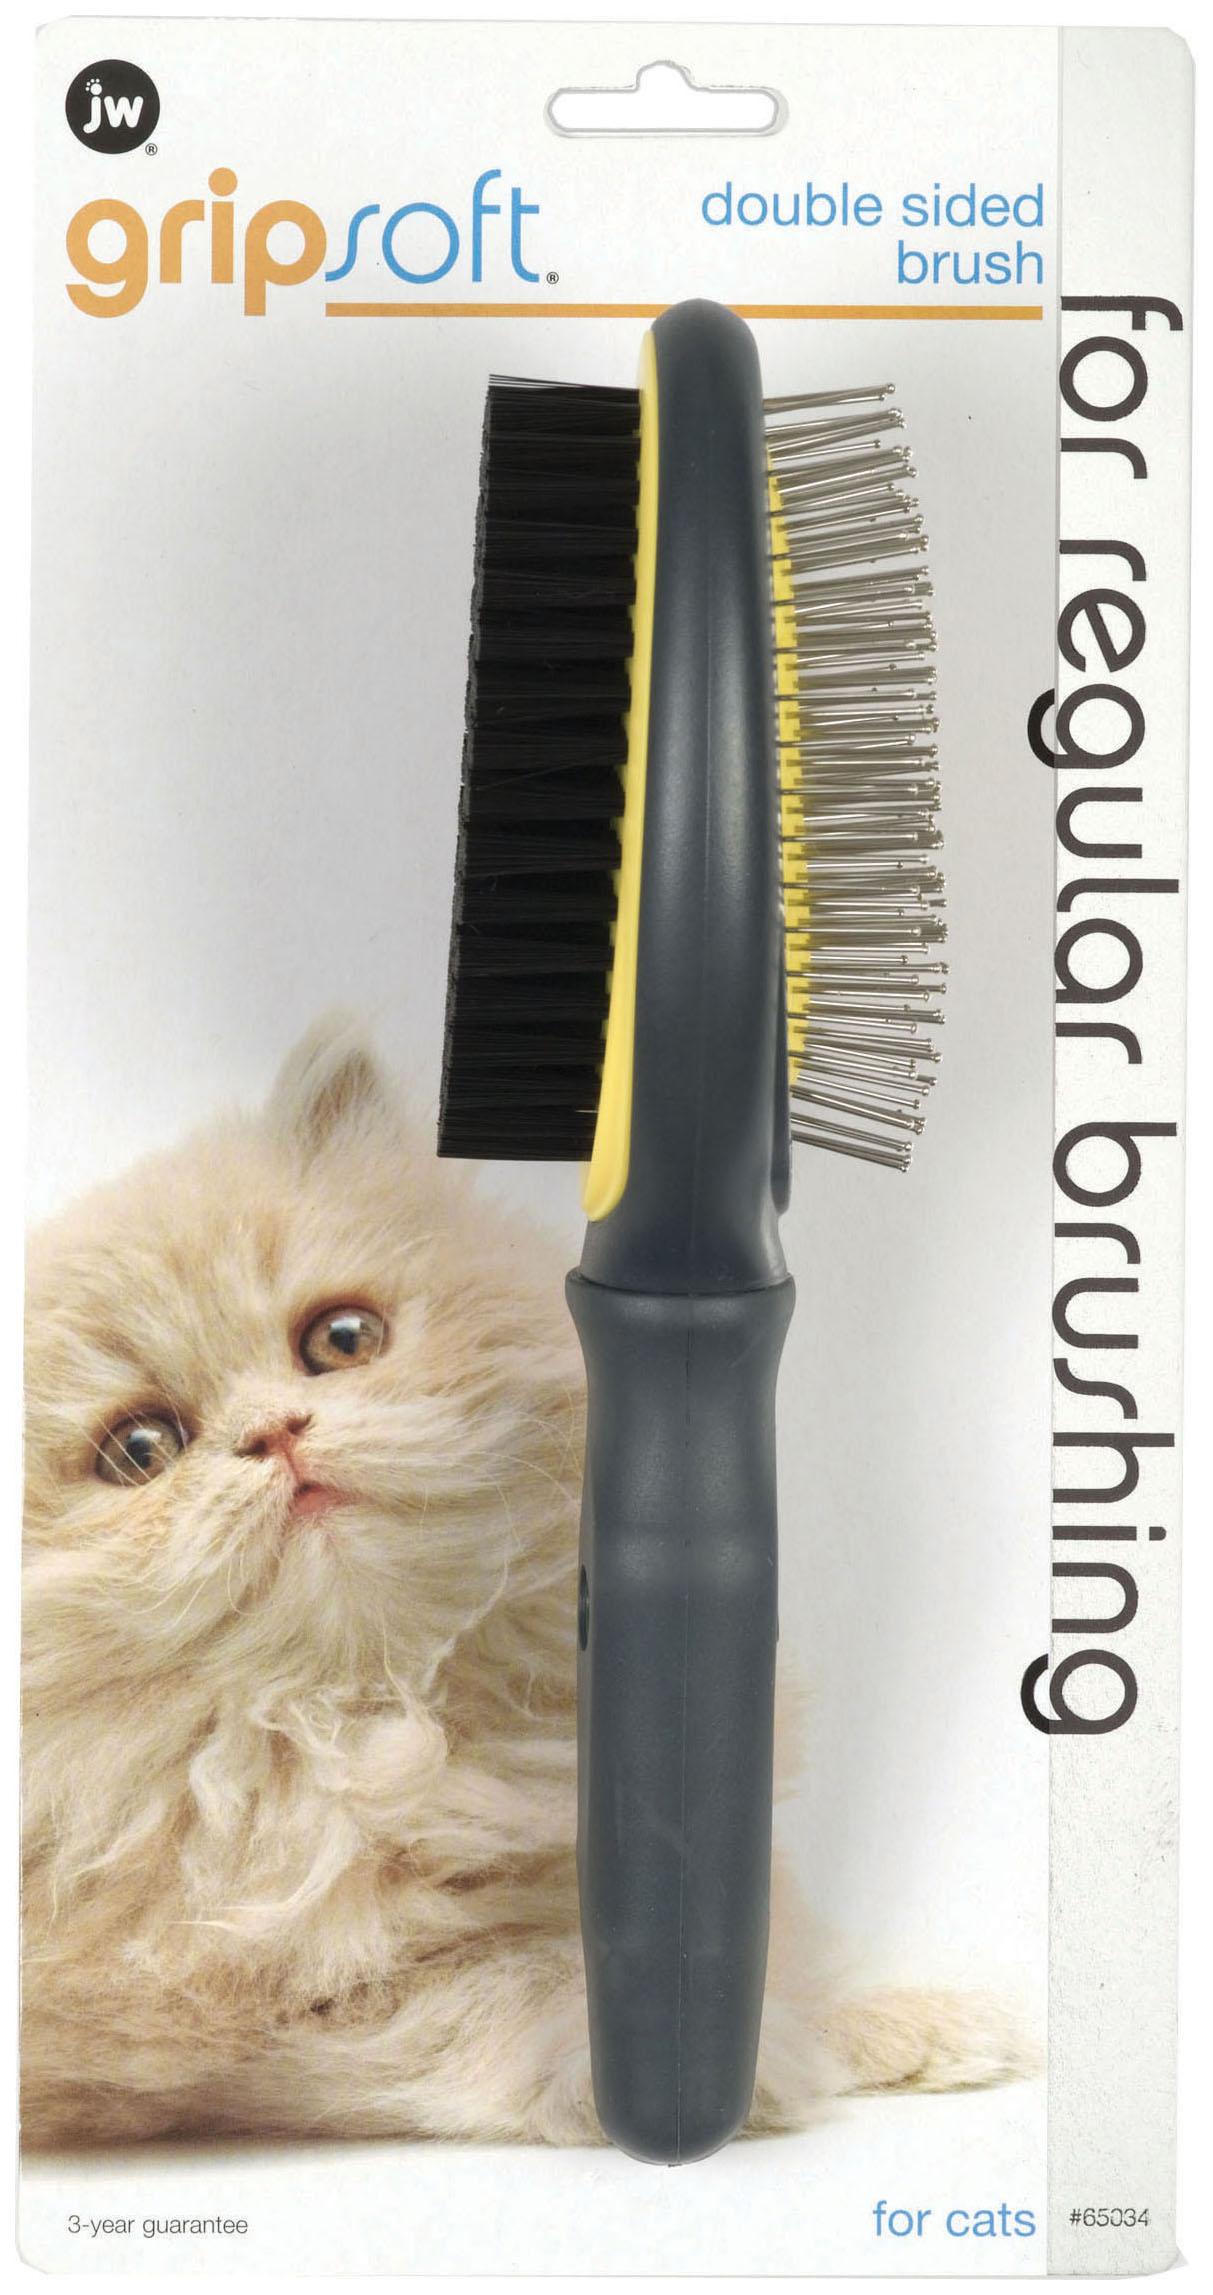 Расческа для животных JW Pet Grip Soft